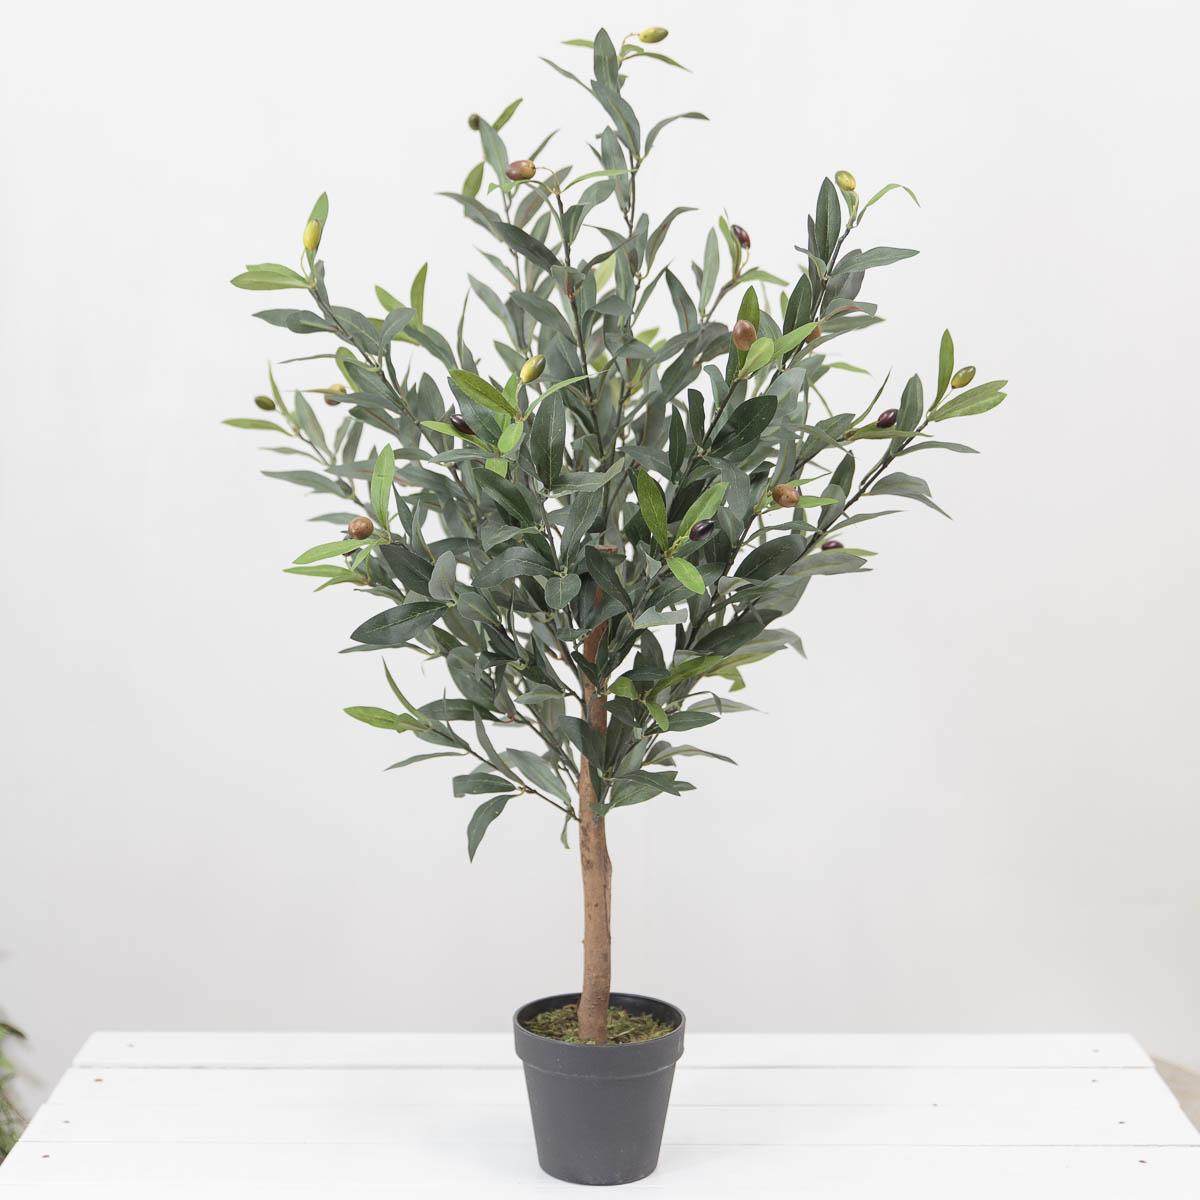 올리브조화 인테리어인조나무 85cm 식물조화 인조화분 임시화분 기본